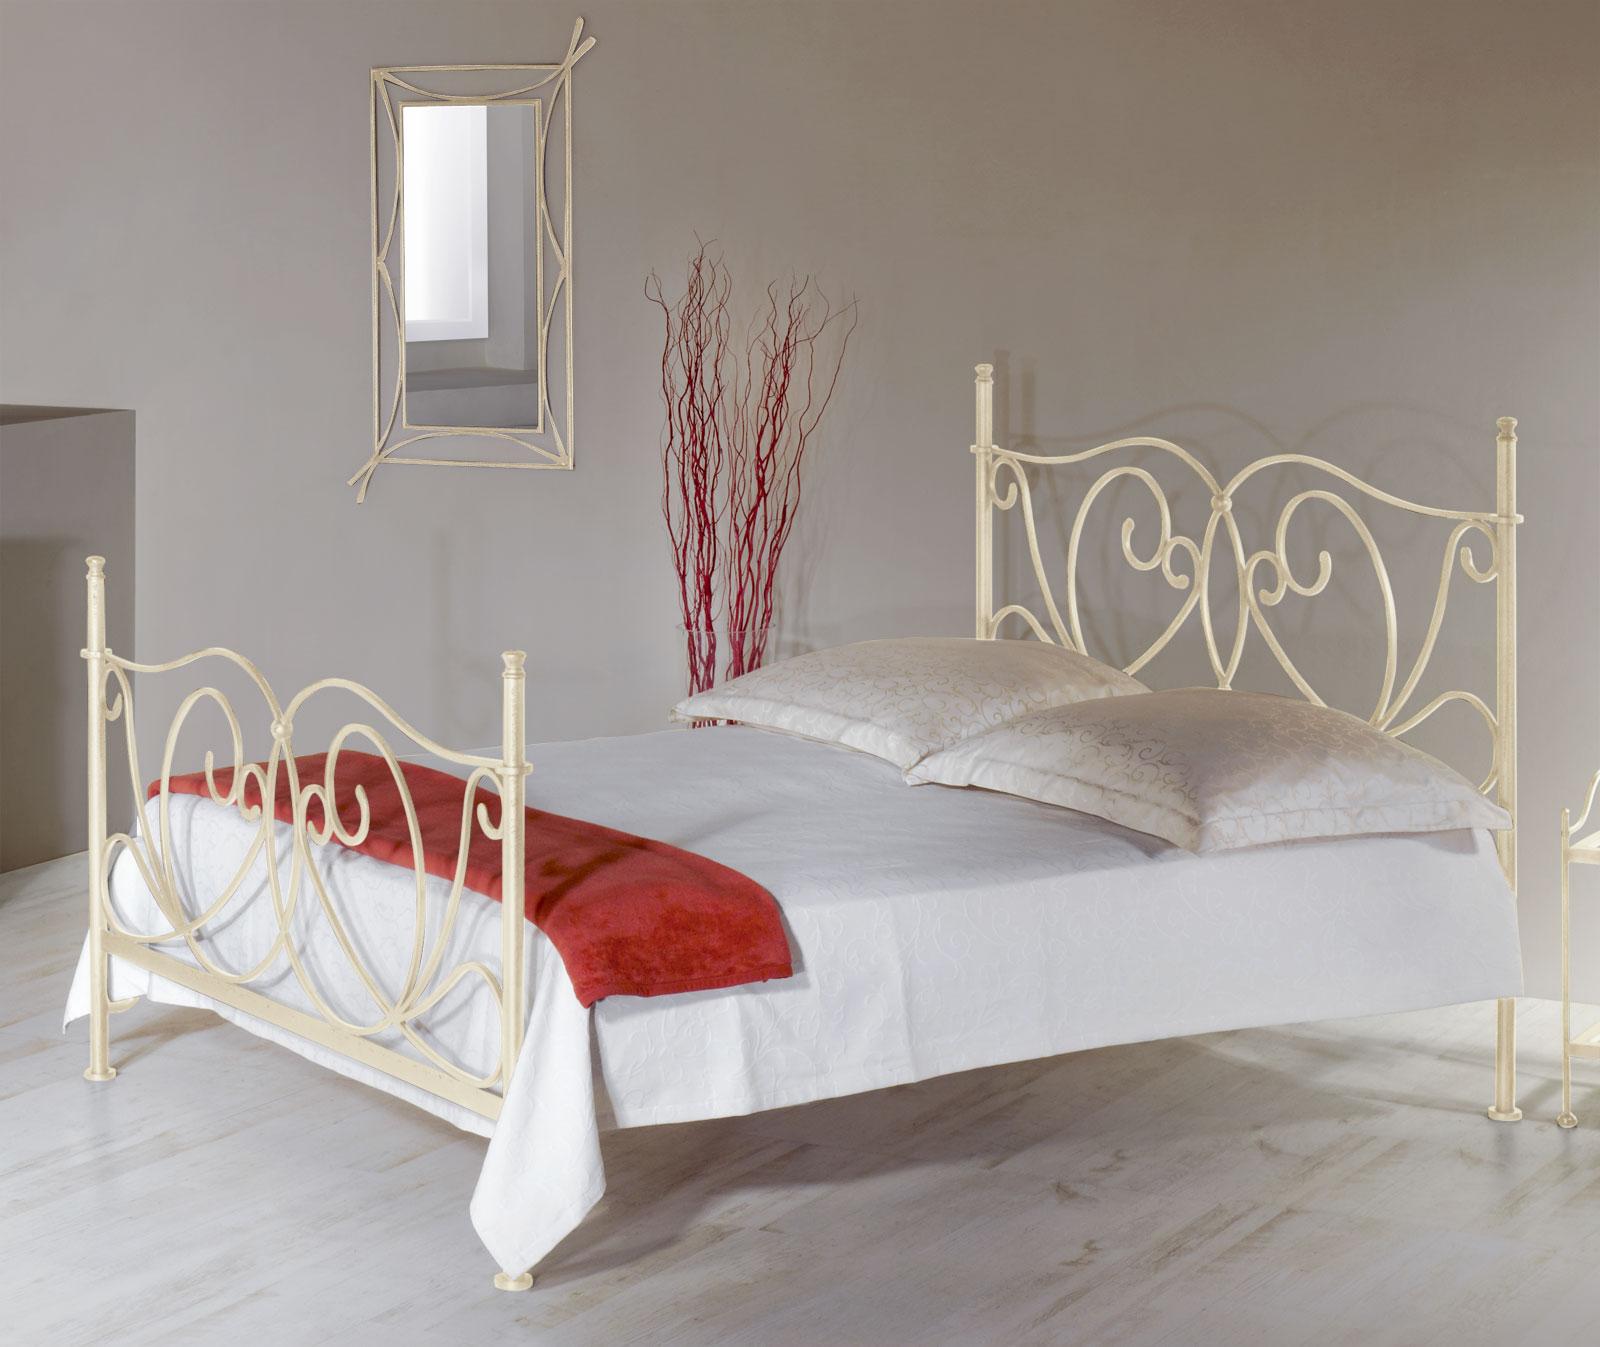 Full Size of Romantisches Bett 180x200 Schwarz 160x220 Cars 220 X Kleinkind Dormiente Betten Massivholz Weisses Amazon Mit Bettkasten Ohne Füße Minion 90x200 Luxus Kinder Bett Romantisches Bett